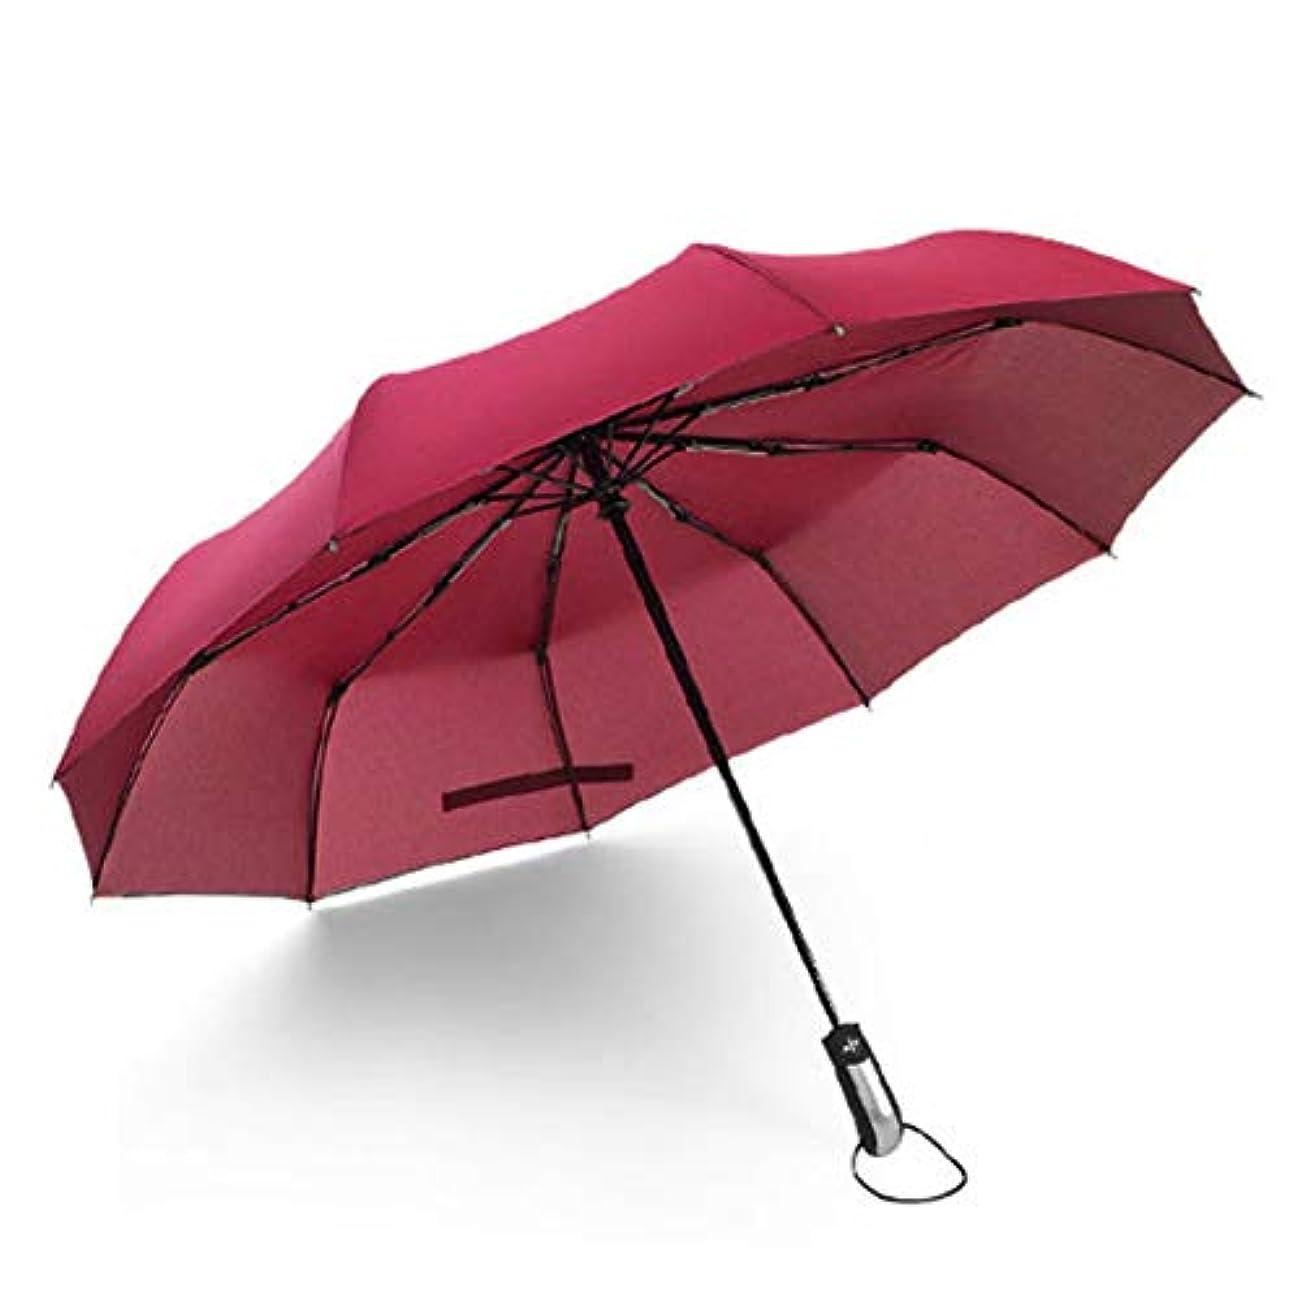 弁護コンサルタント怠なSaikogoods 全自動日 - 雨の傘 トリプルフォールディング 男性女性 強化のために10-リブ ビジネス傘 ワインレッド